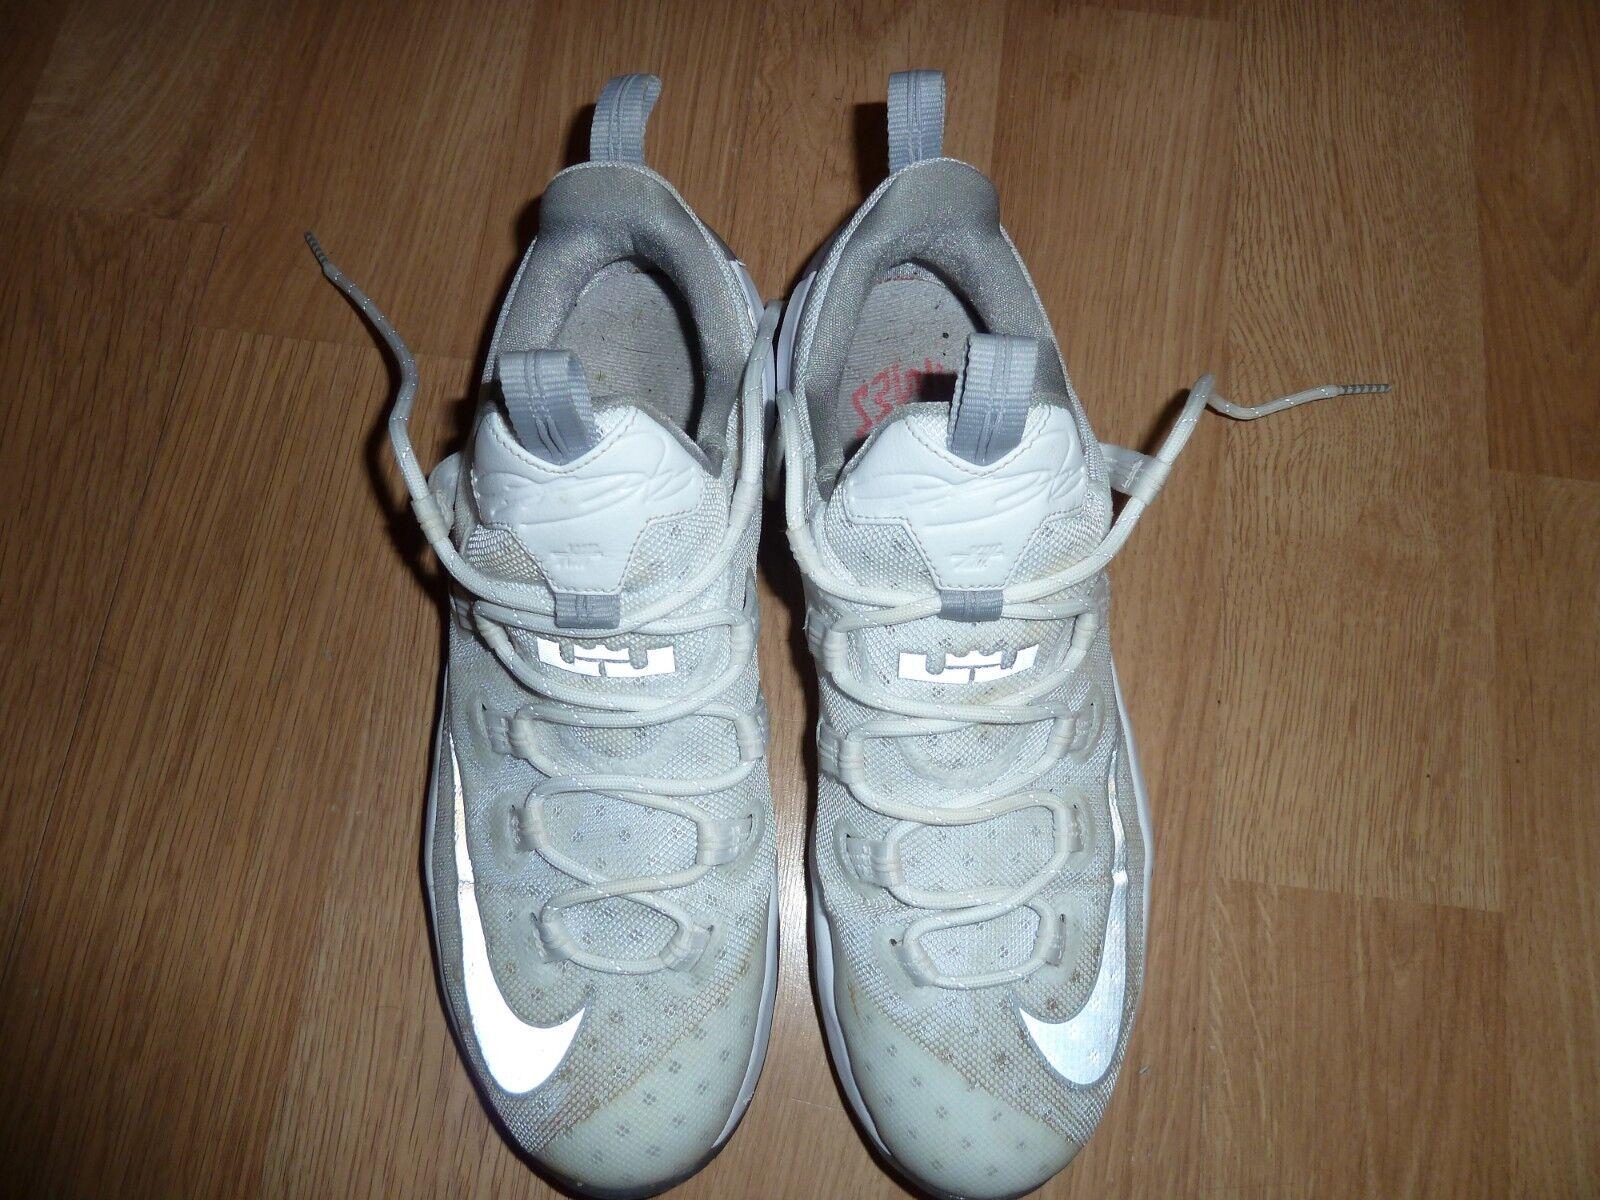 Nike Lebron XIII Low 831925-100 White Metallic Silver Light Iron Sneaker Size 11